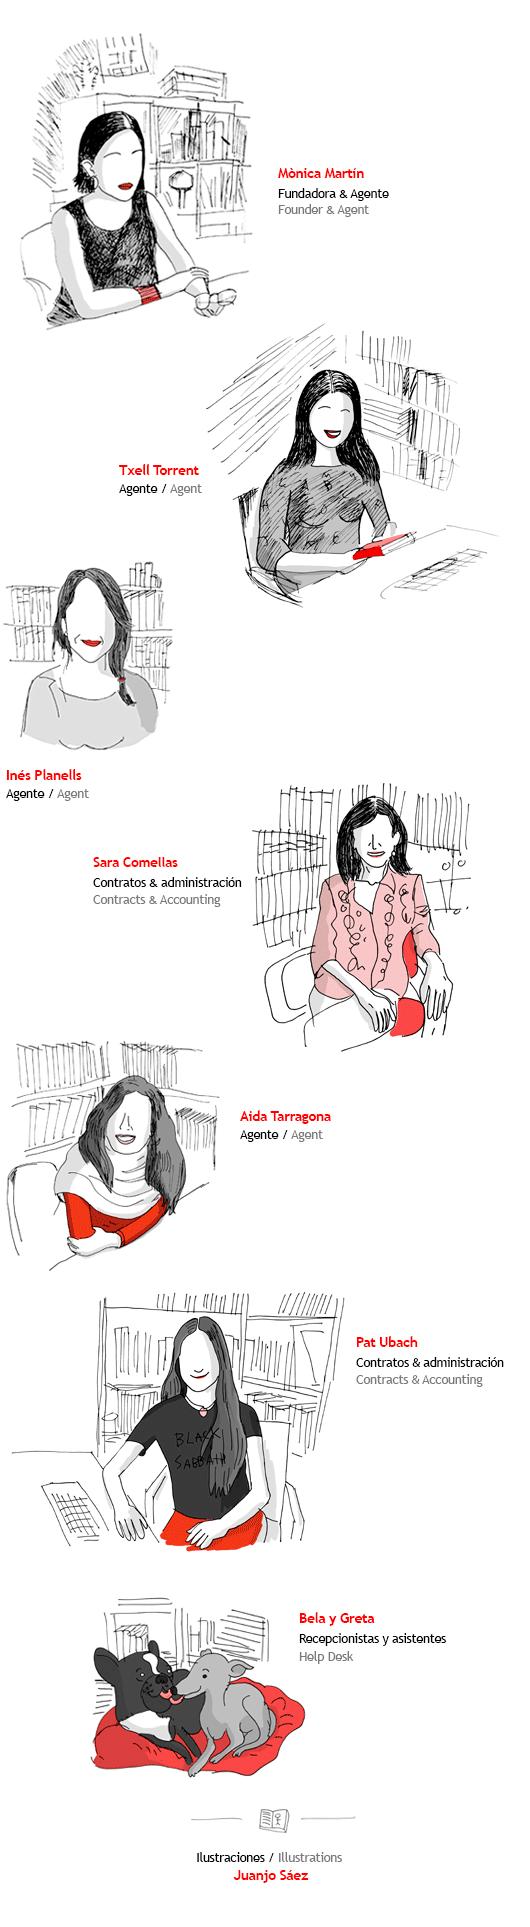 Mònica Martín, Txell Torrent, Inés Planells, Sara Comellas, Aida Tarragona. Ilustración: Juanjo Sáez